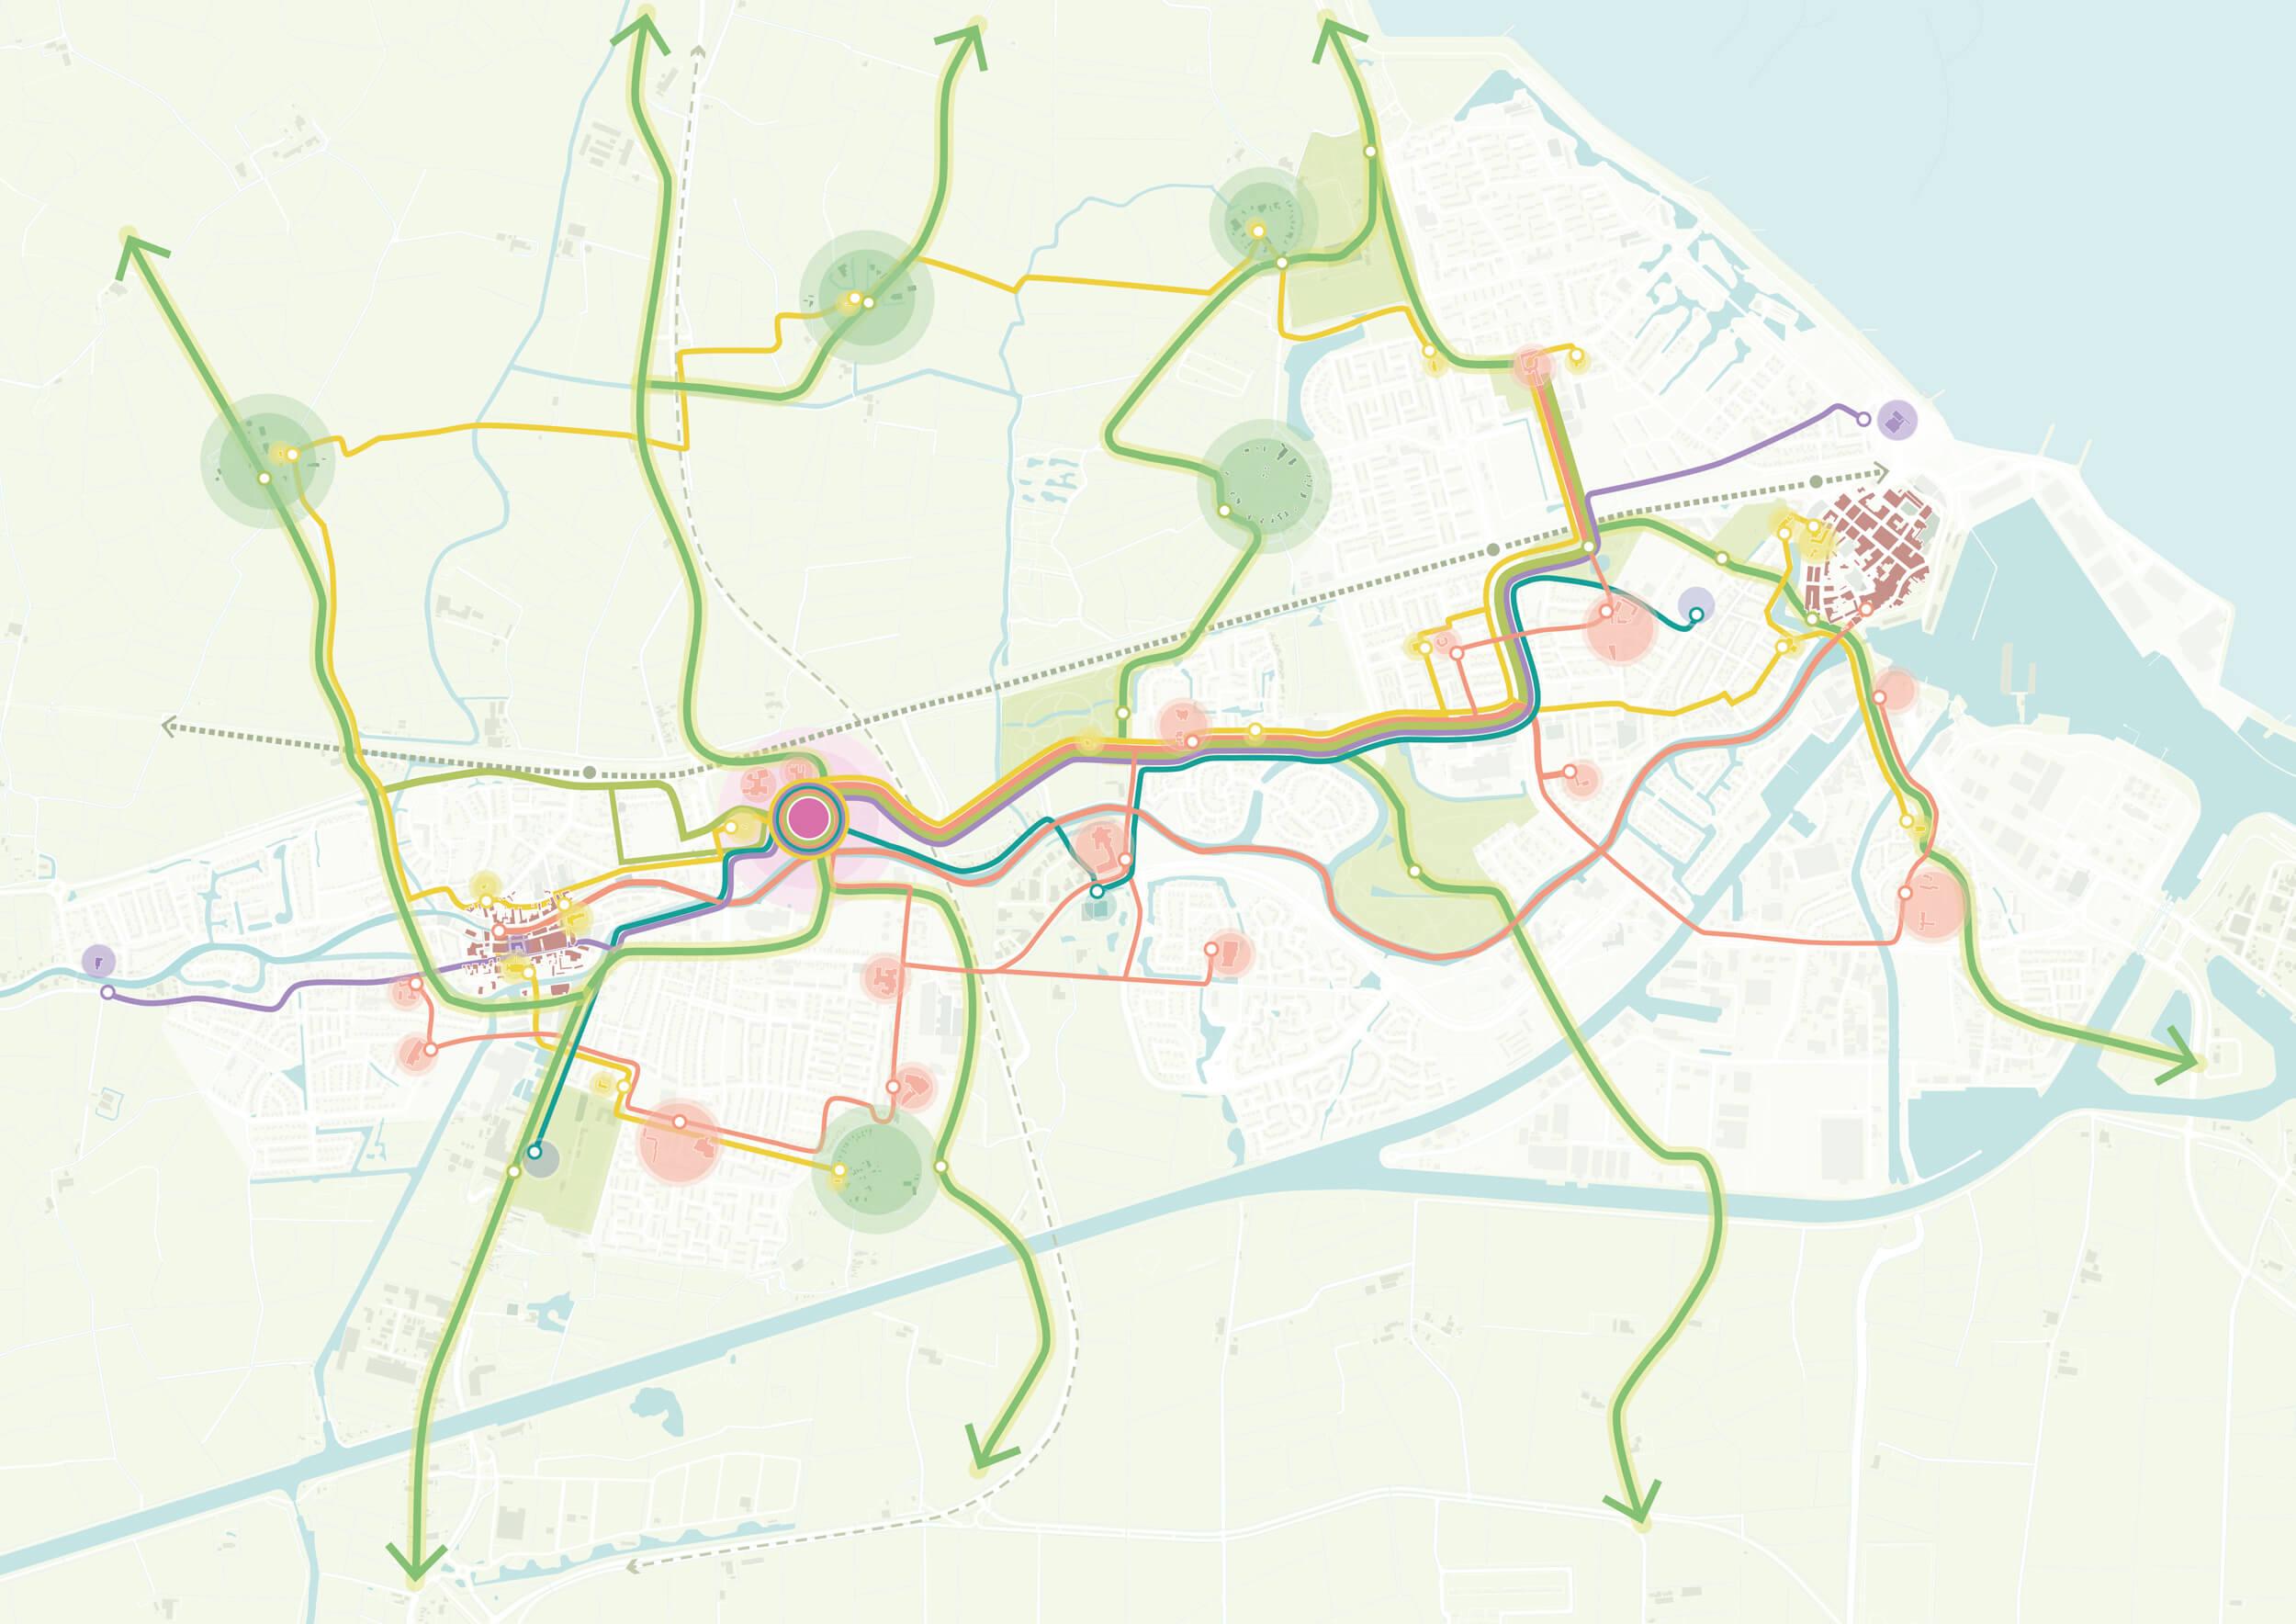 felixx-eemsdelta-network.jpg